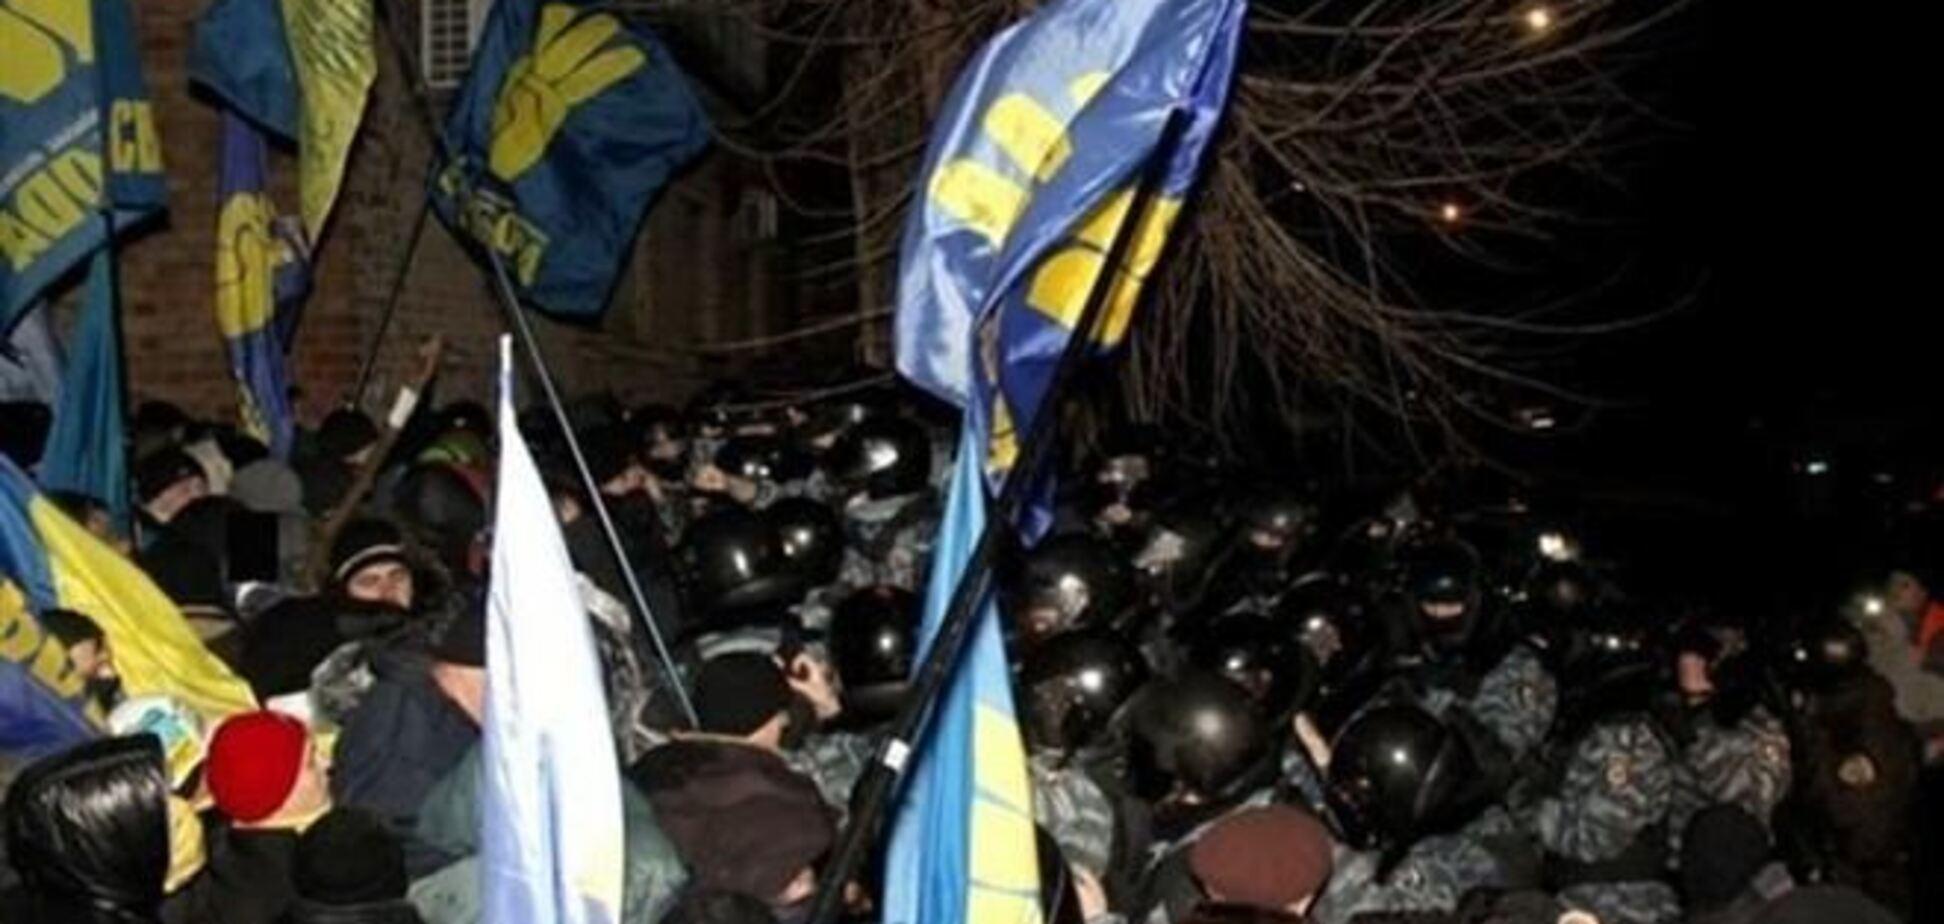 У Лутковской заверили, что после вчерашних событий в Киеве в больницу доставлены 11 человек